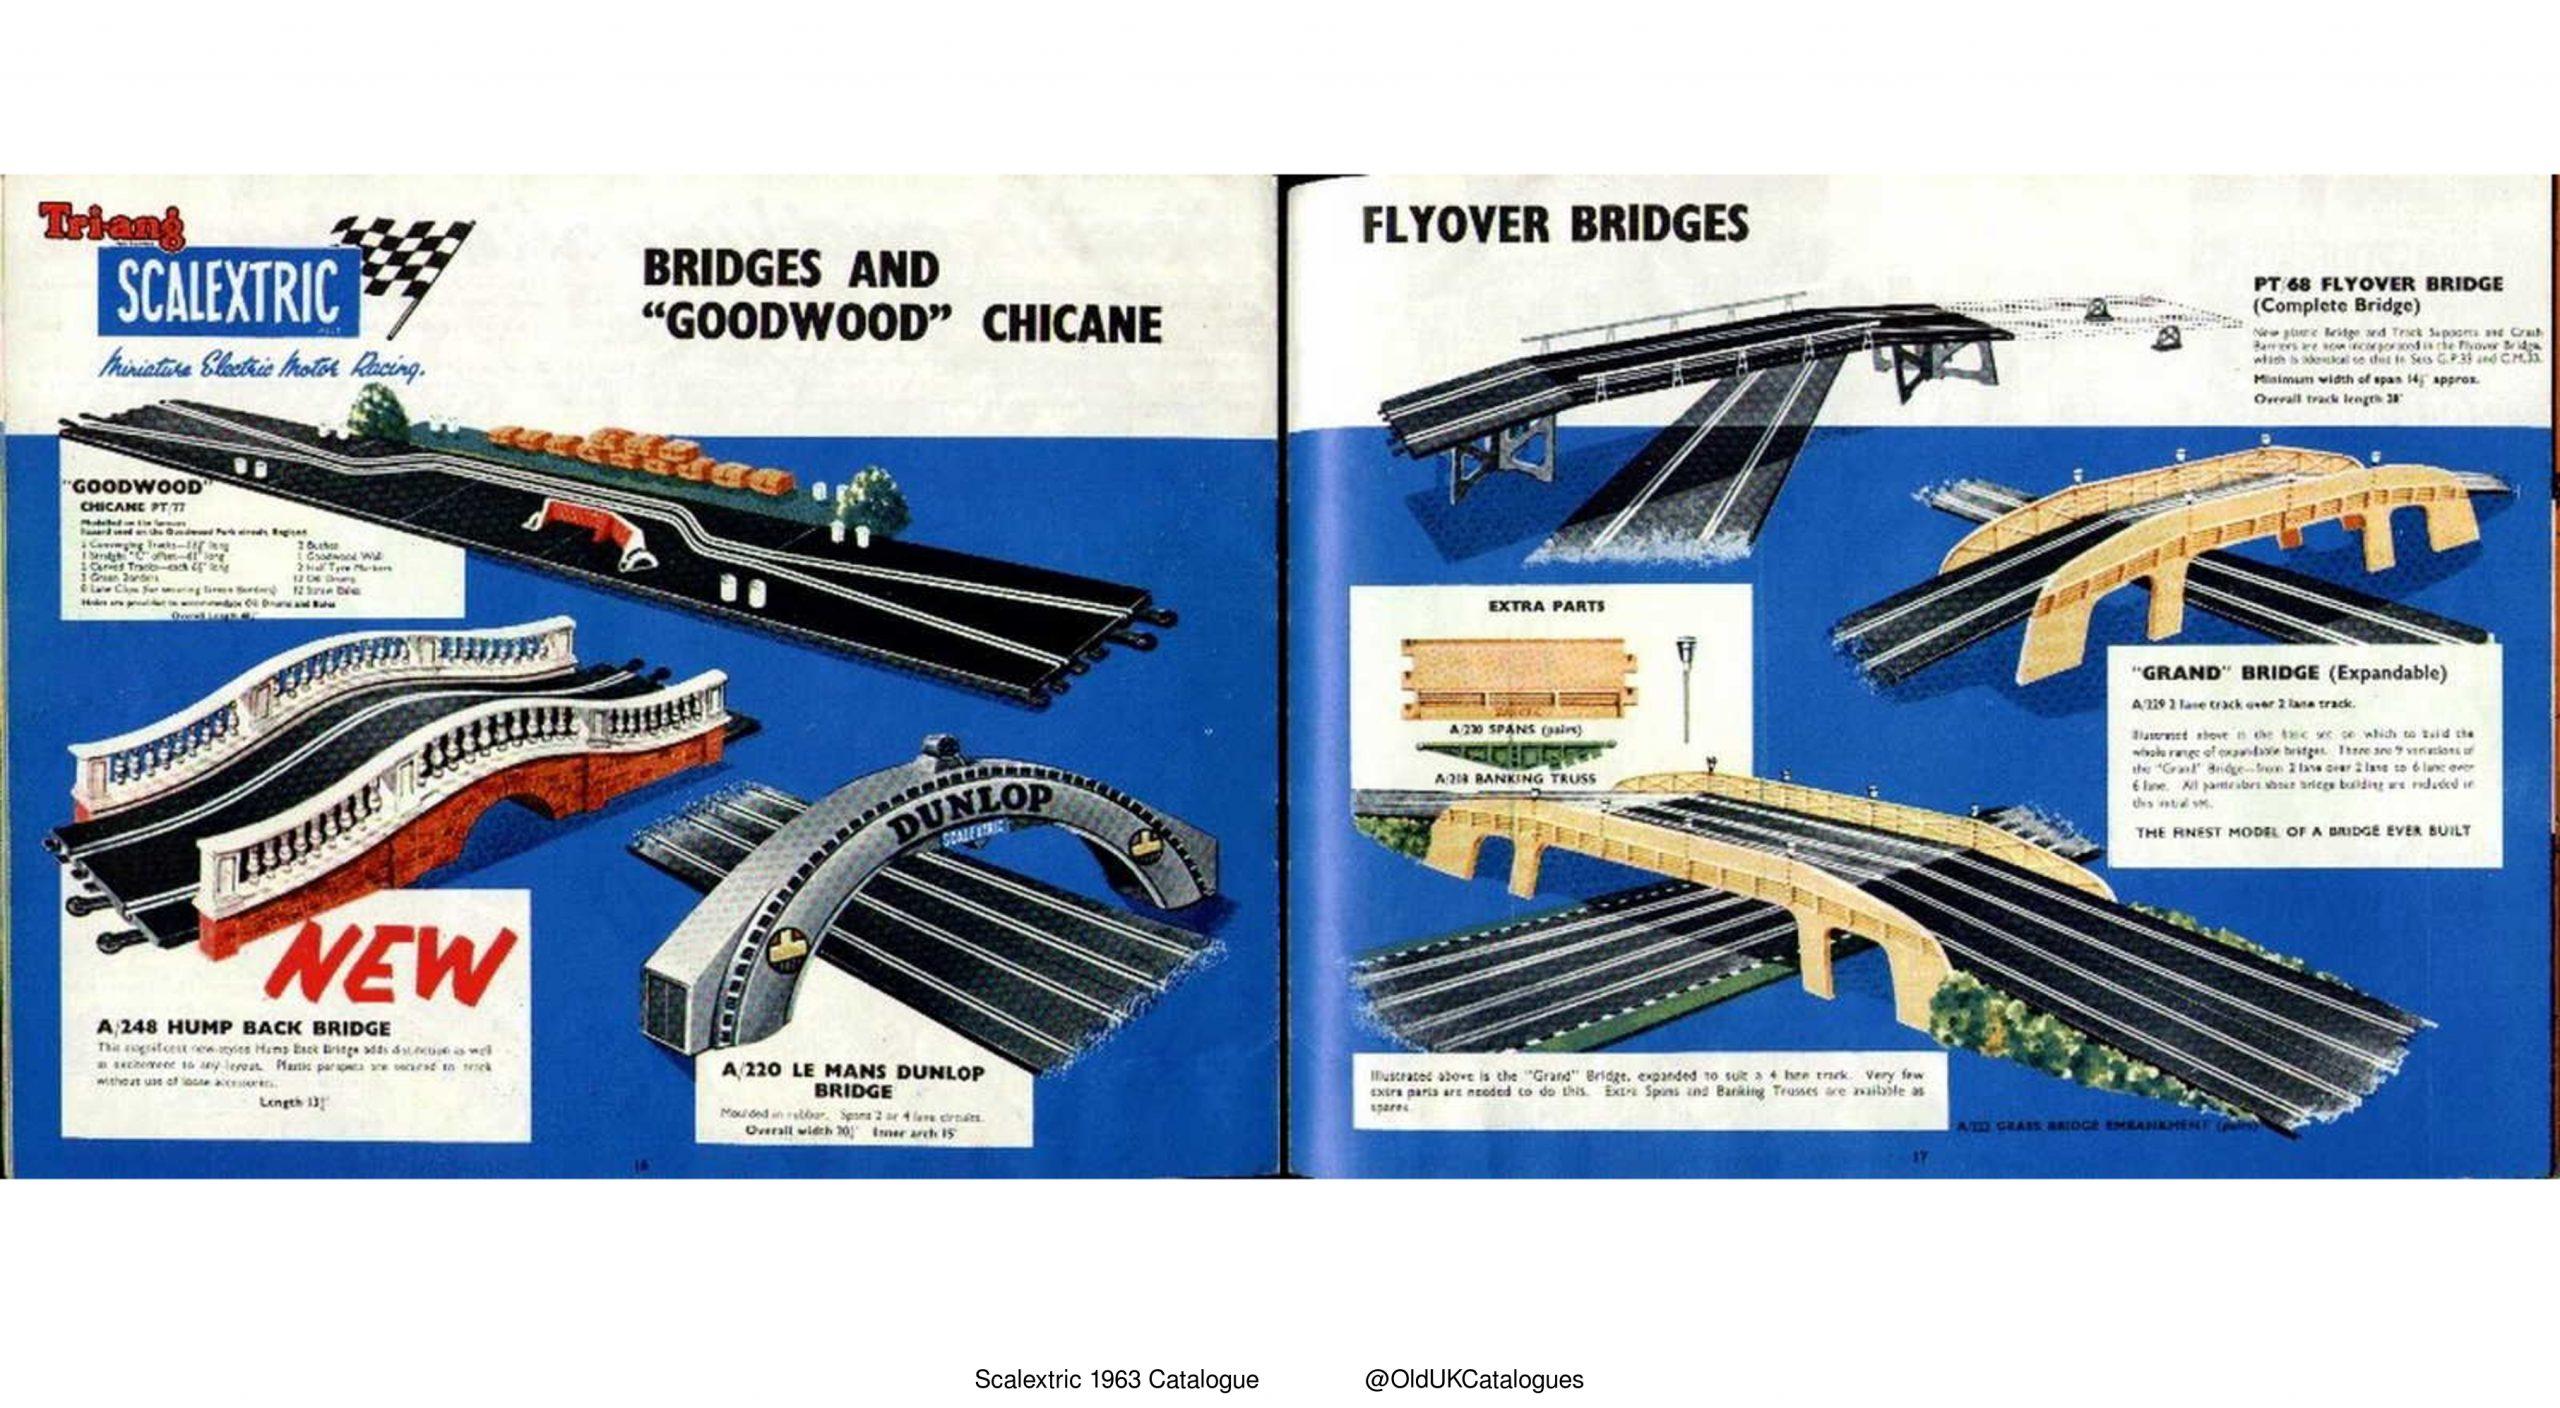 Scalextric Bridges